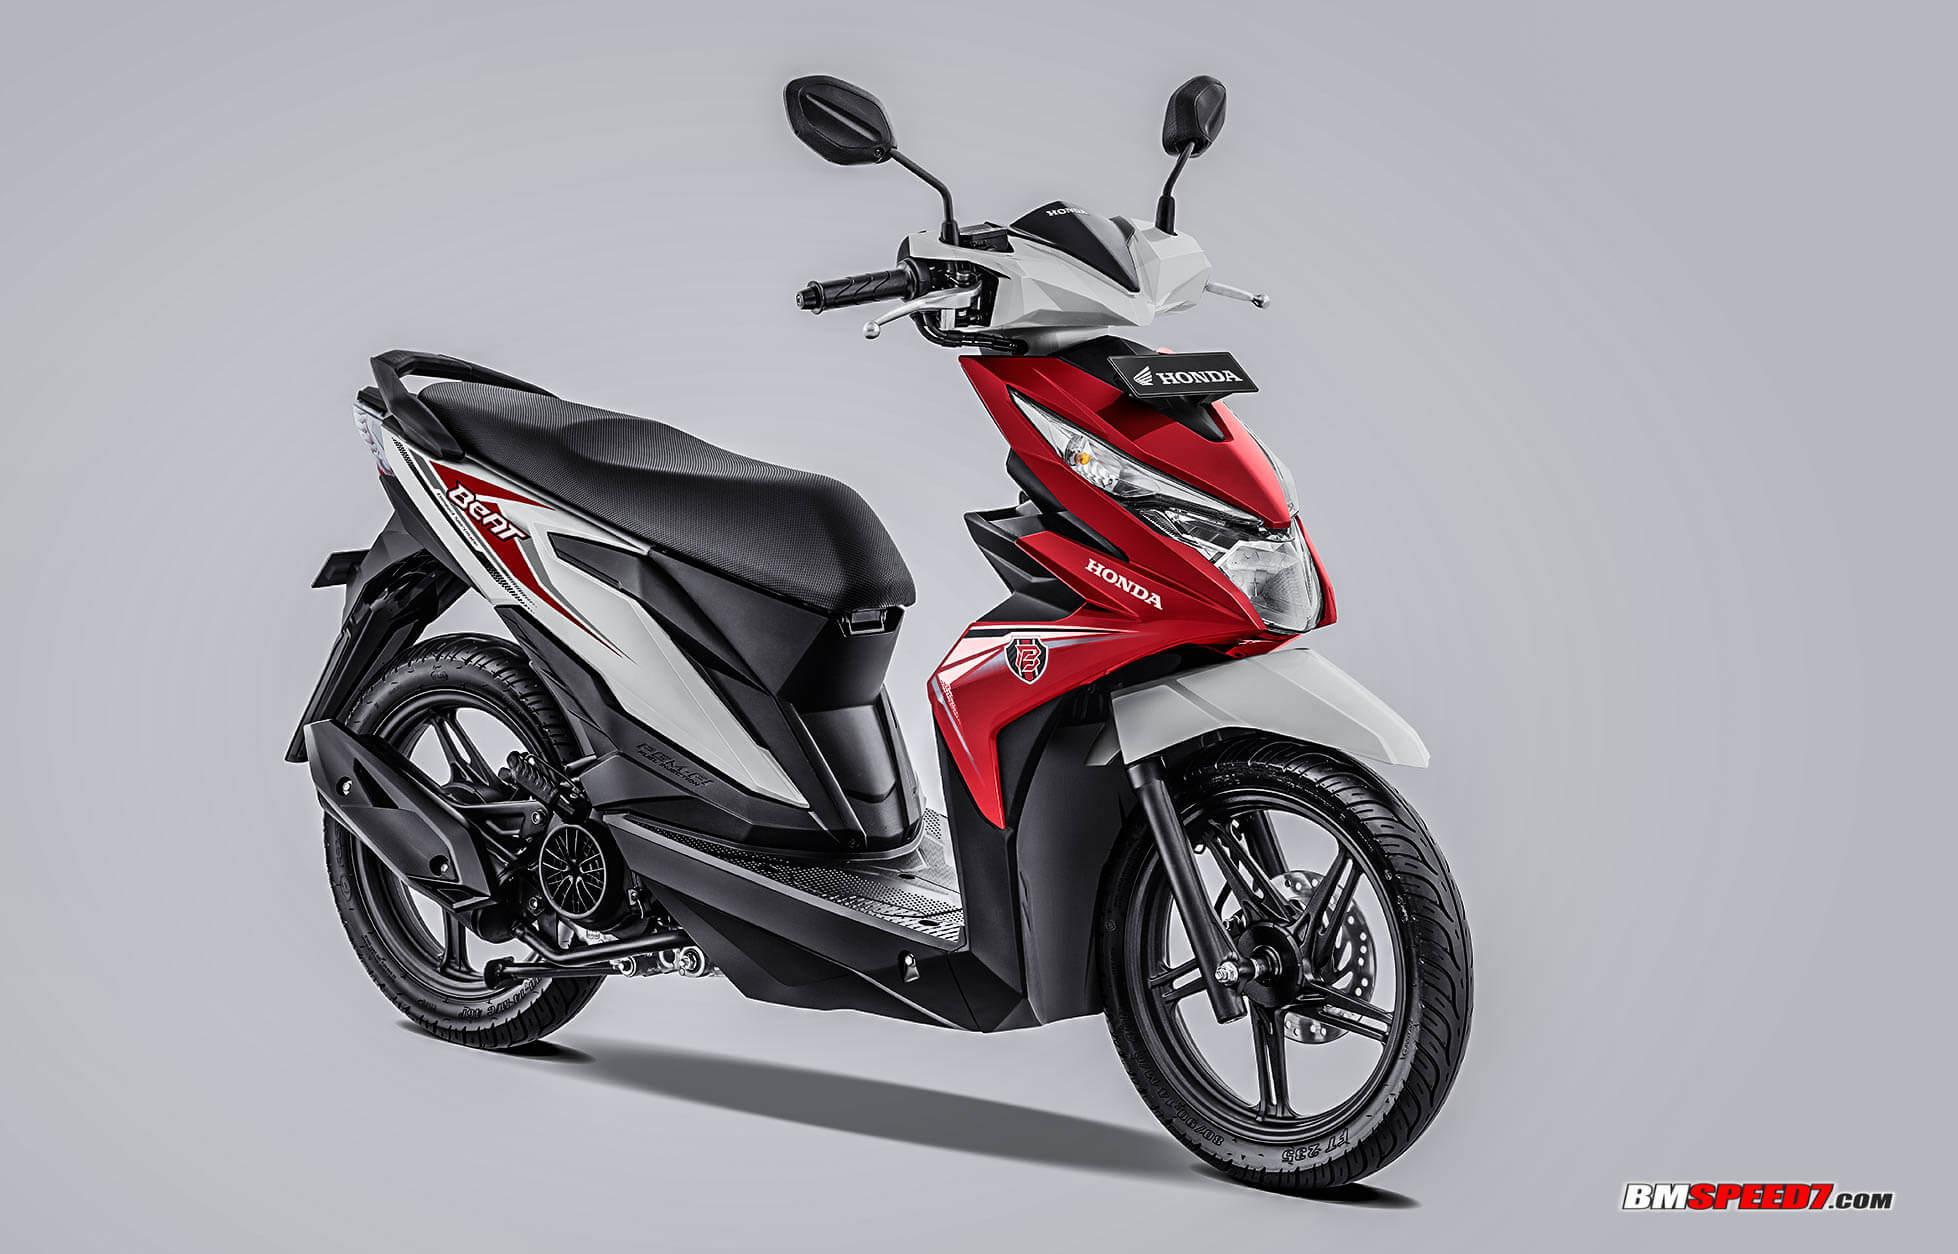 Honda BeAT 2019 CBS Warna Merah Putih